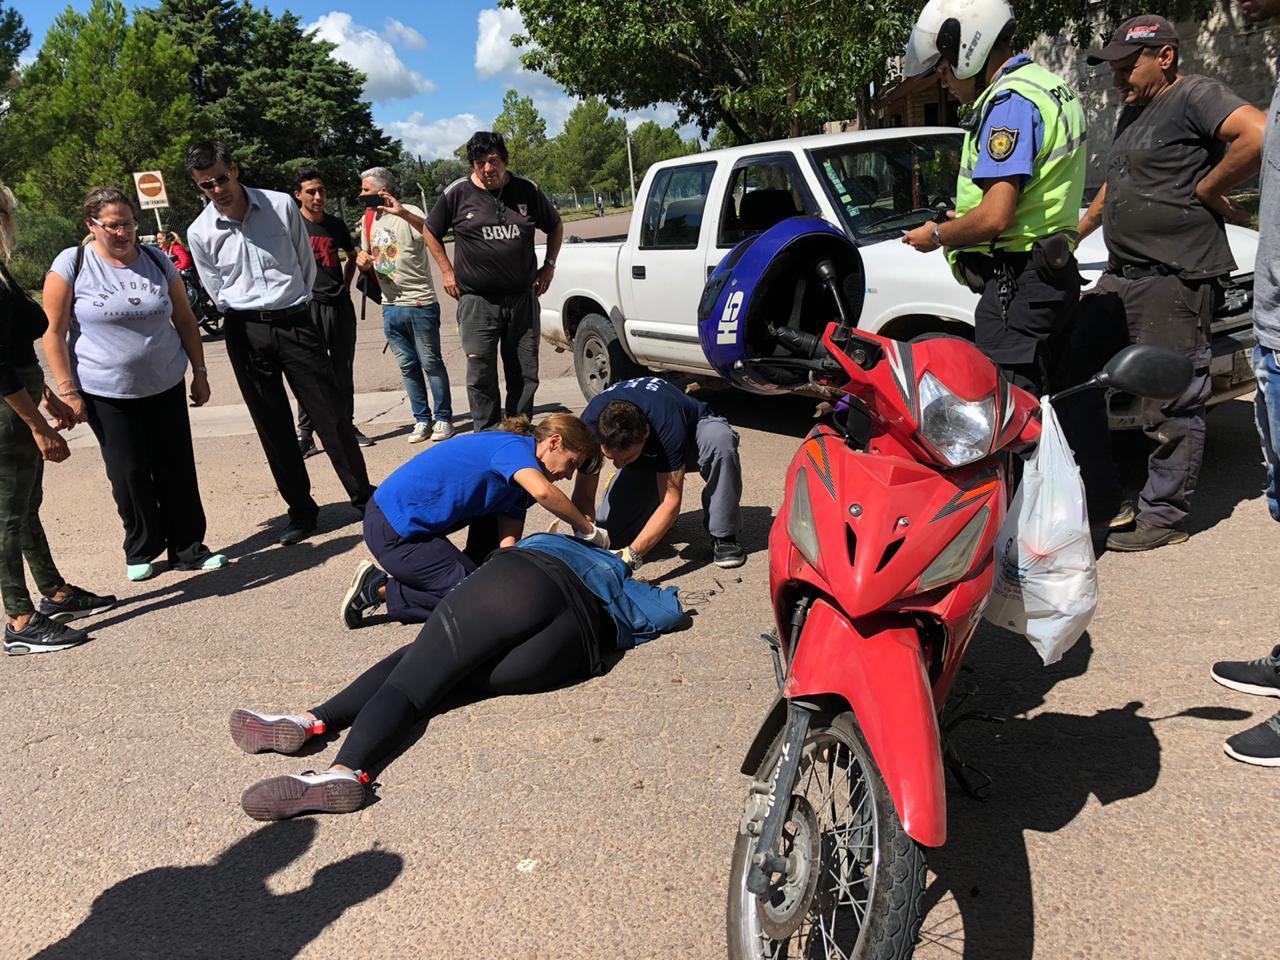 Chocaron una camioneta y una moto: Una mujer sufrió fractura expuesta